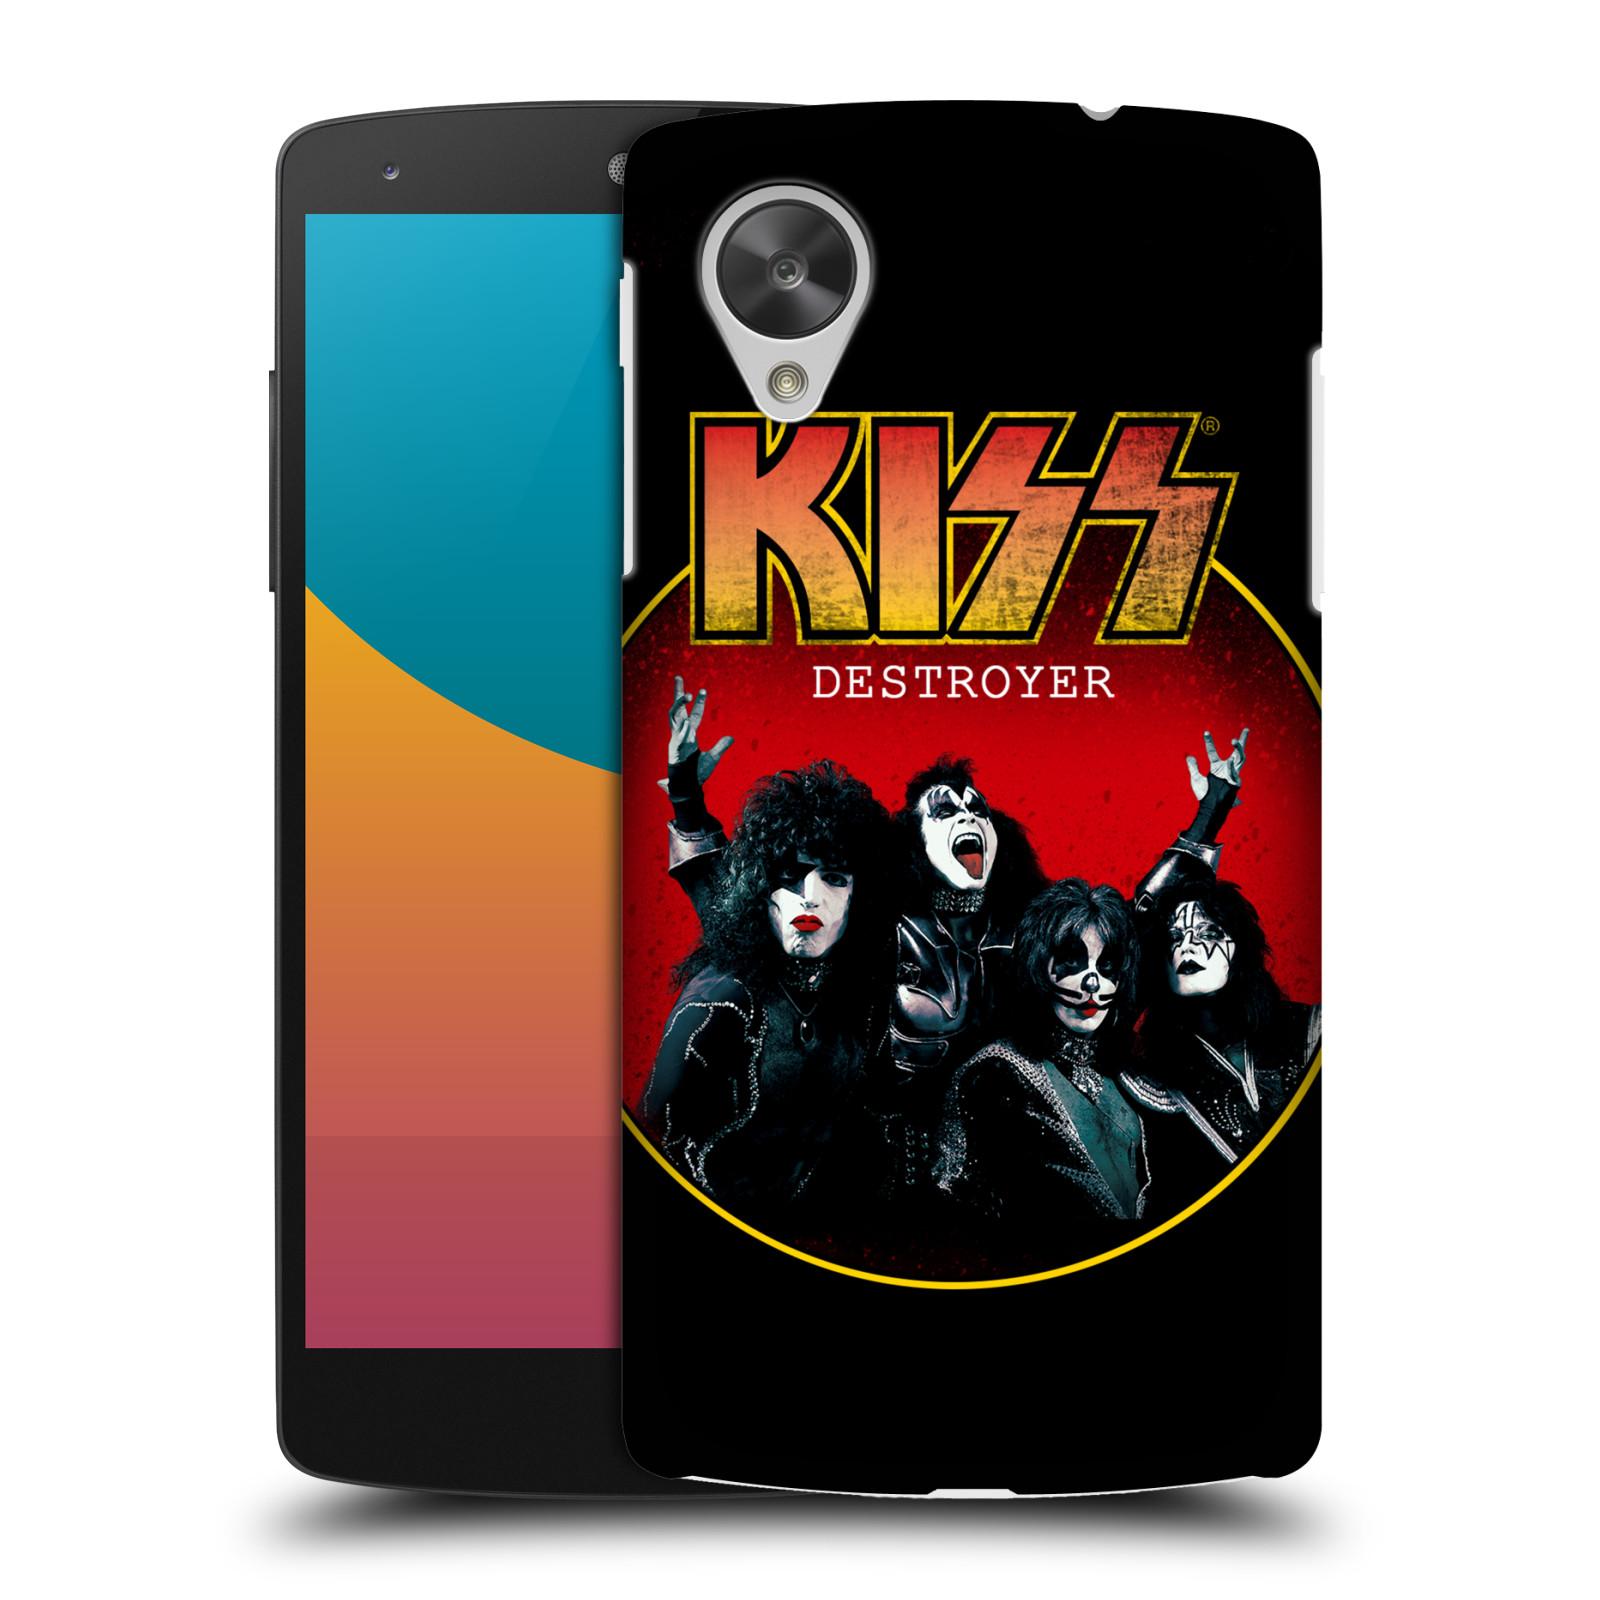 Plastové pouzdro na mobil LG Nexus 5 HEAD CASE - Kiss - Destroyer (Plastový kryt či obal na mobilní telefon s licencovaným motivem Kiss pro LG Google Nexus 5 D821)